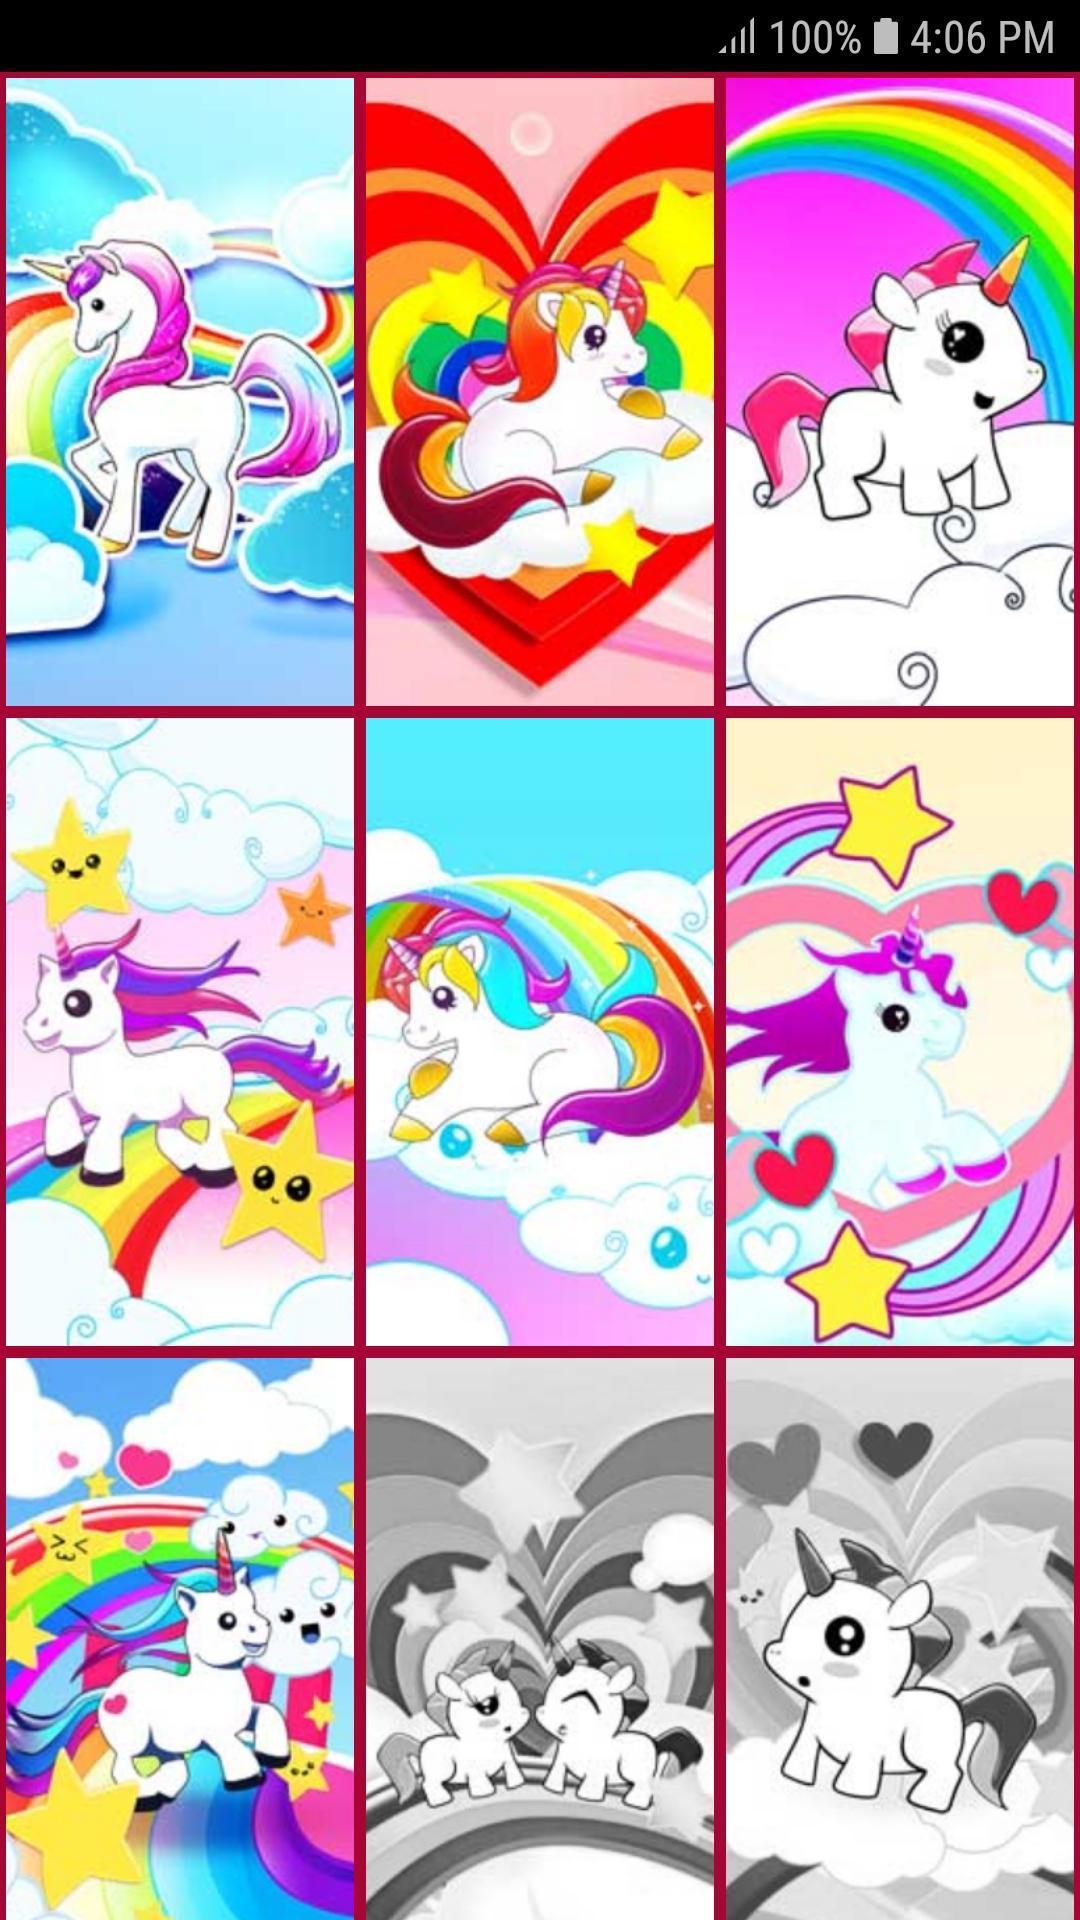 Sfondi Unicorno For Android Apk Download